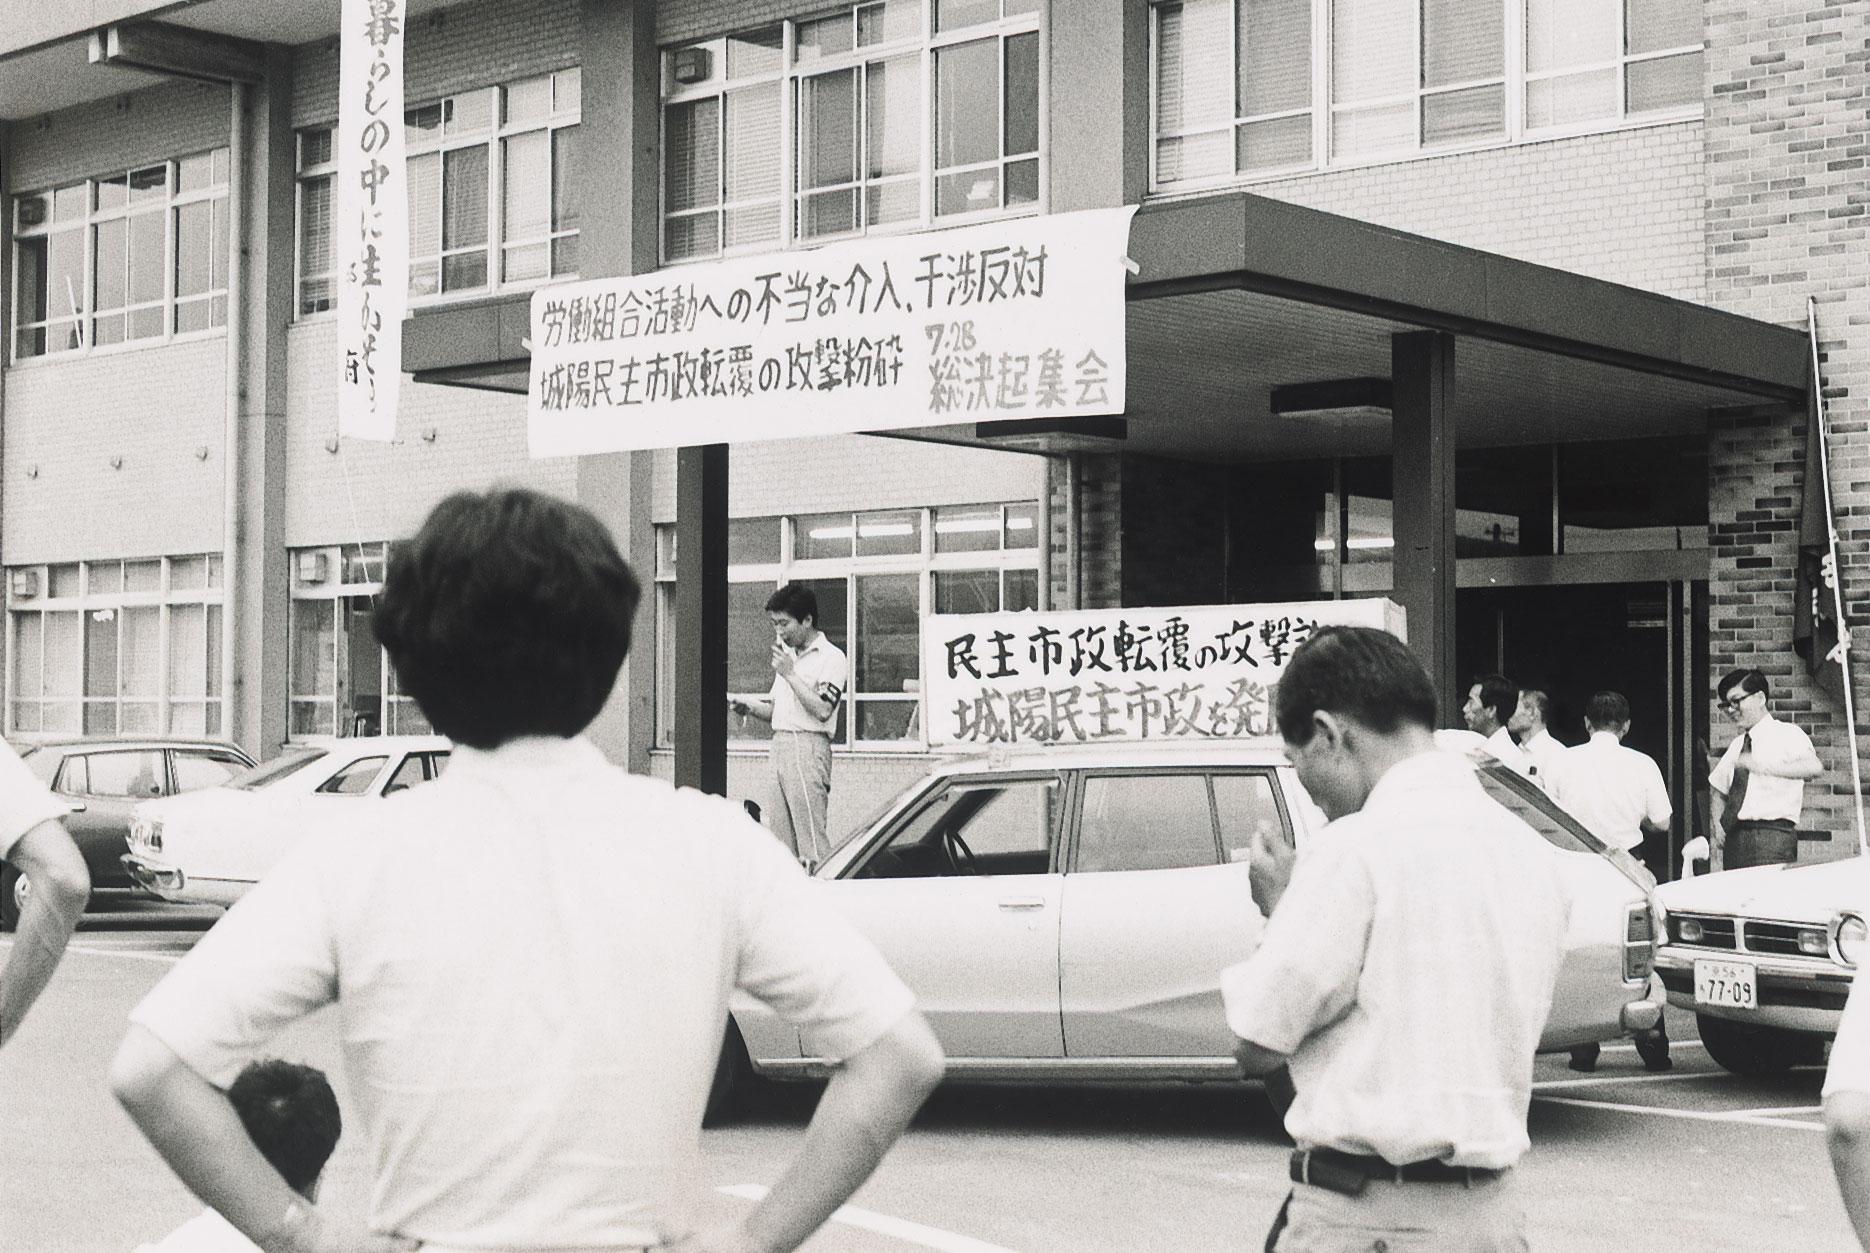 「城陽市職労の組合活動に対する不当な介入・干渉抗議、不当捜査即時打ち切り・城陽民主市政転覆攻撃粉砕7・28総決起集会」